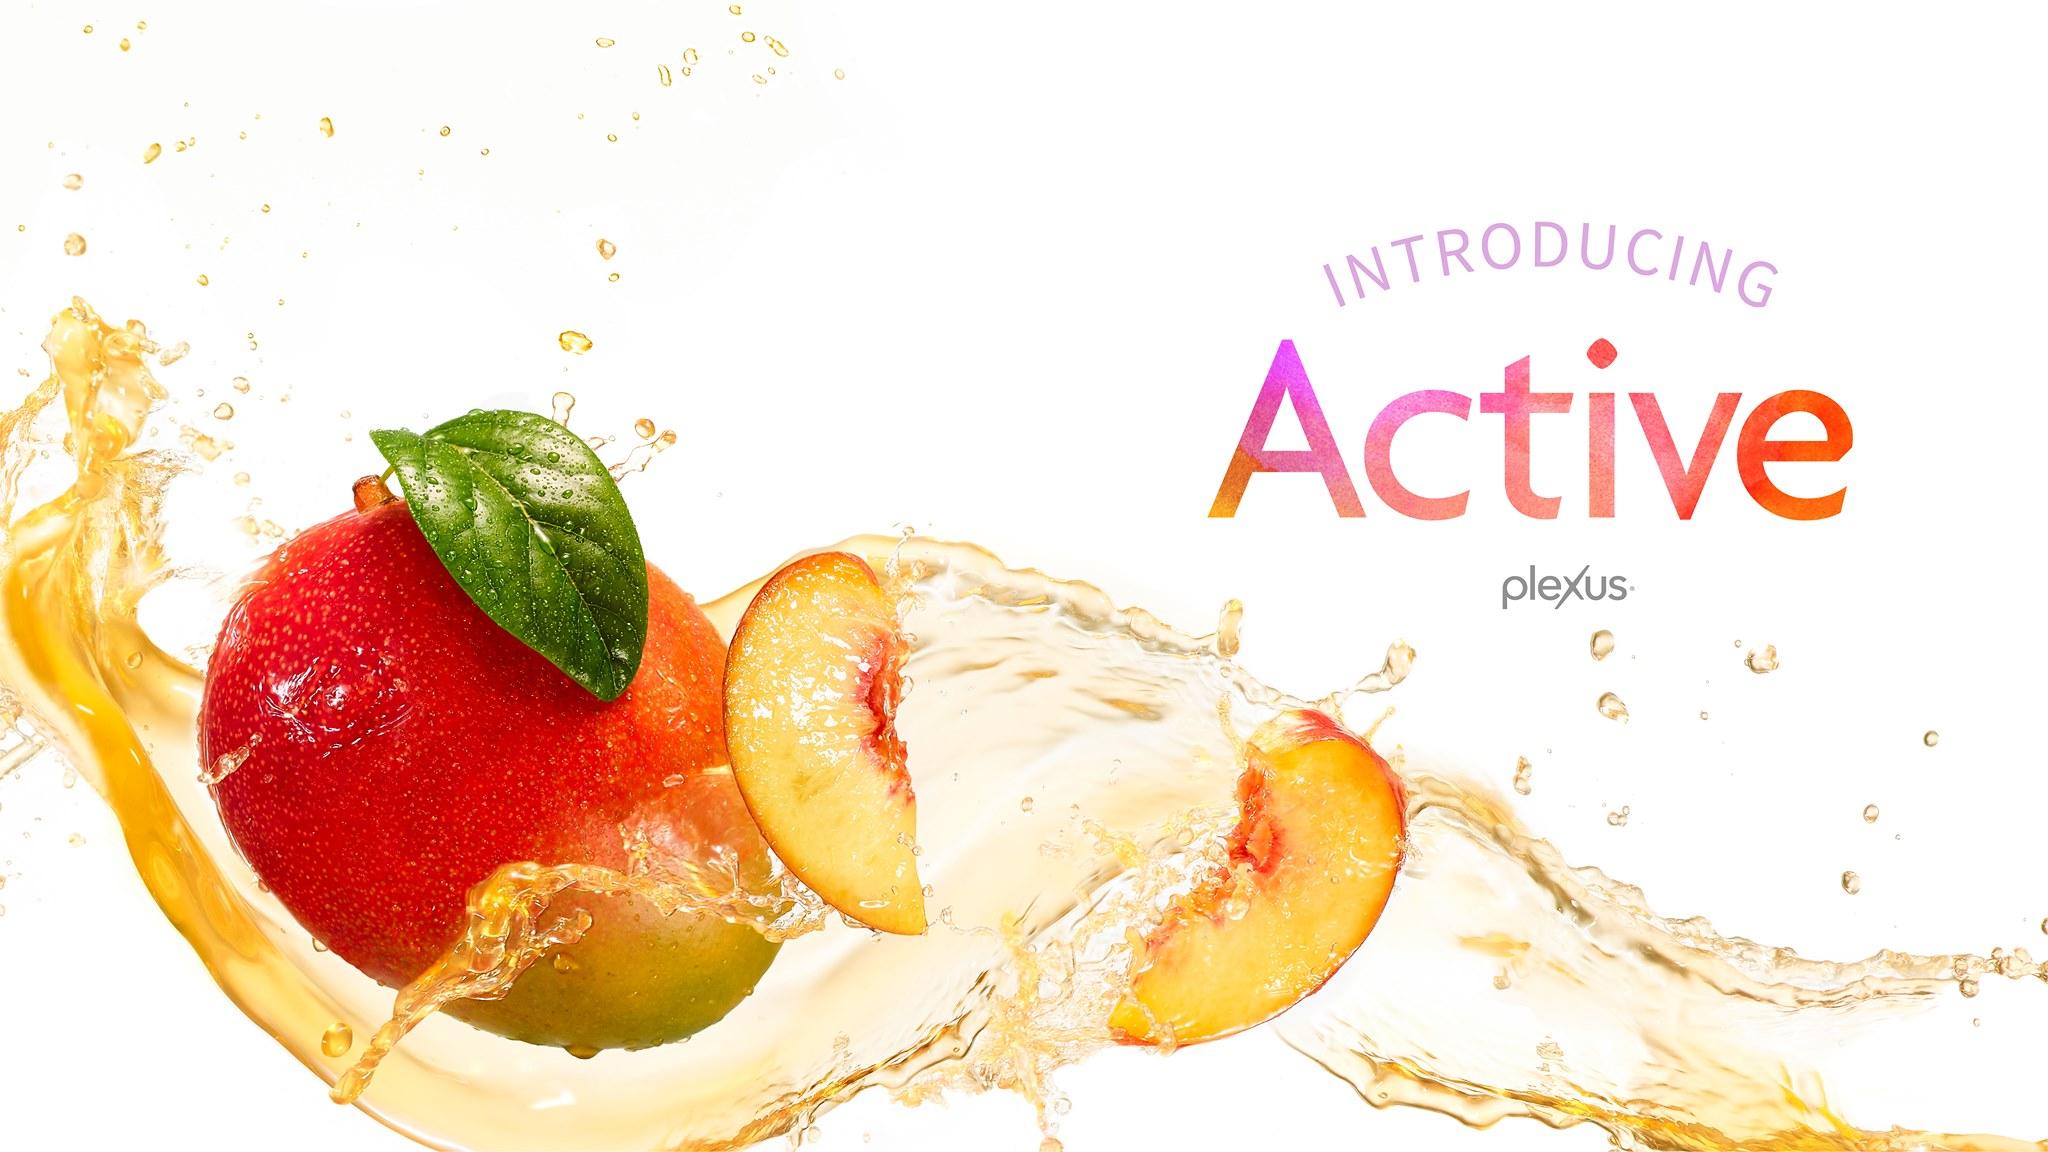 healthandnutrition.ca plexus Active now in Canada